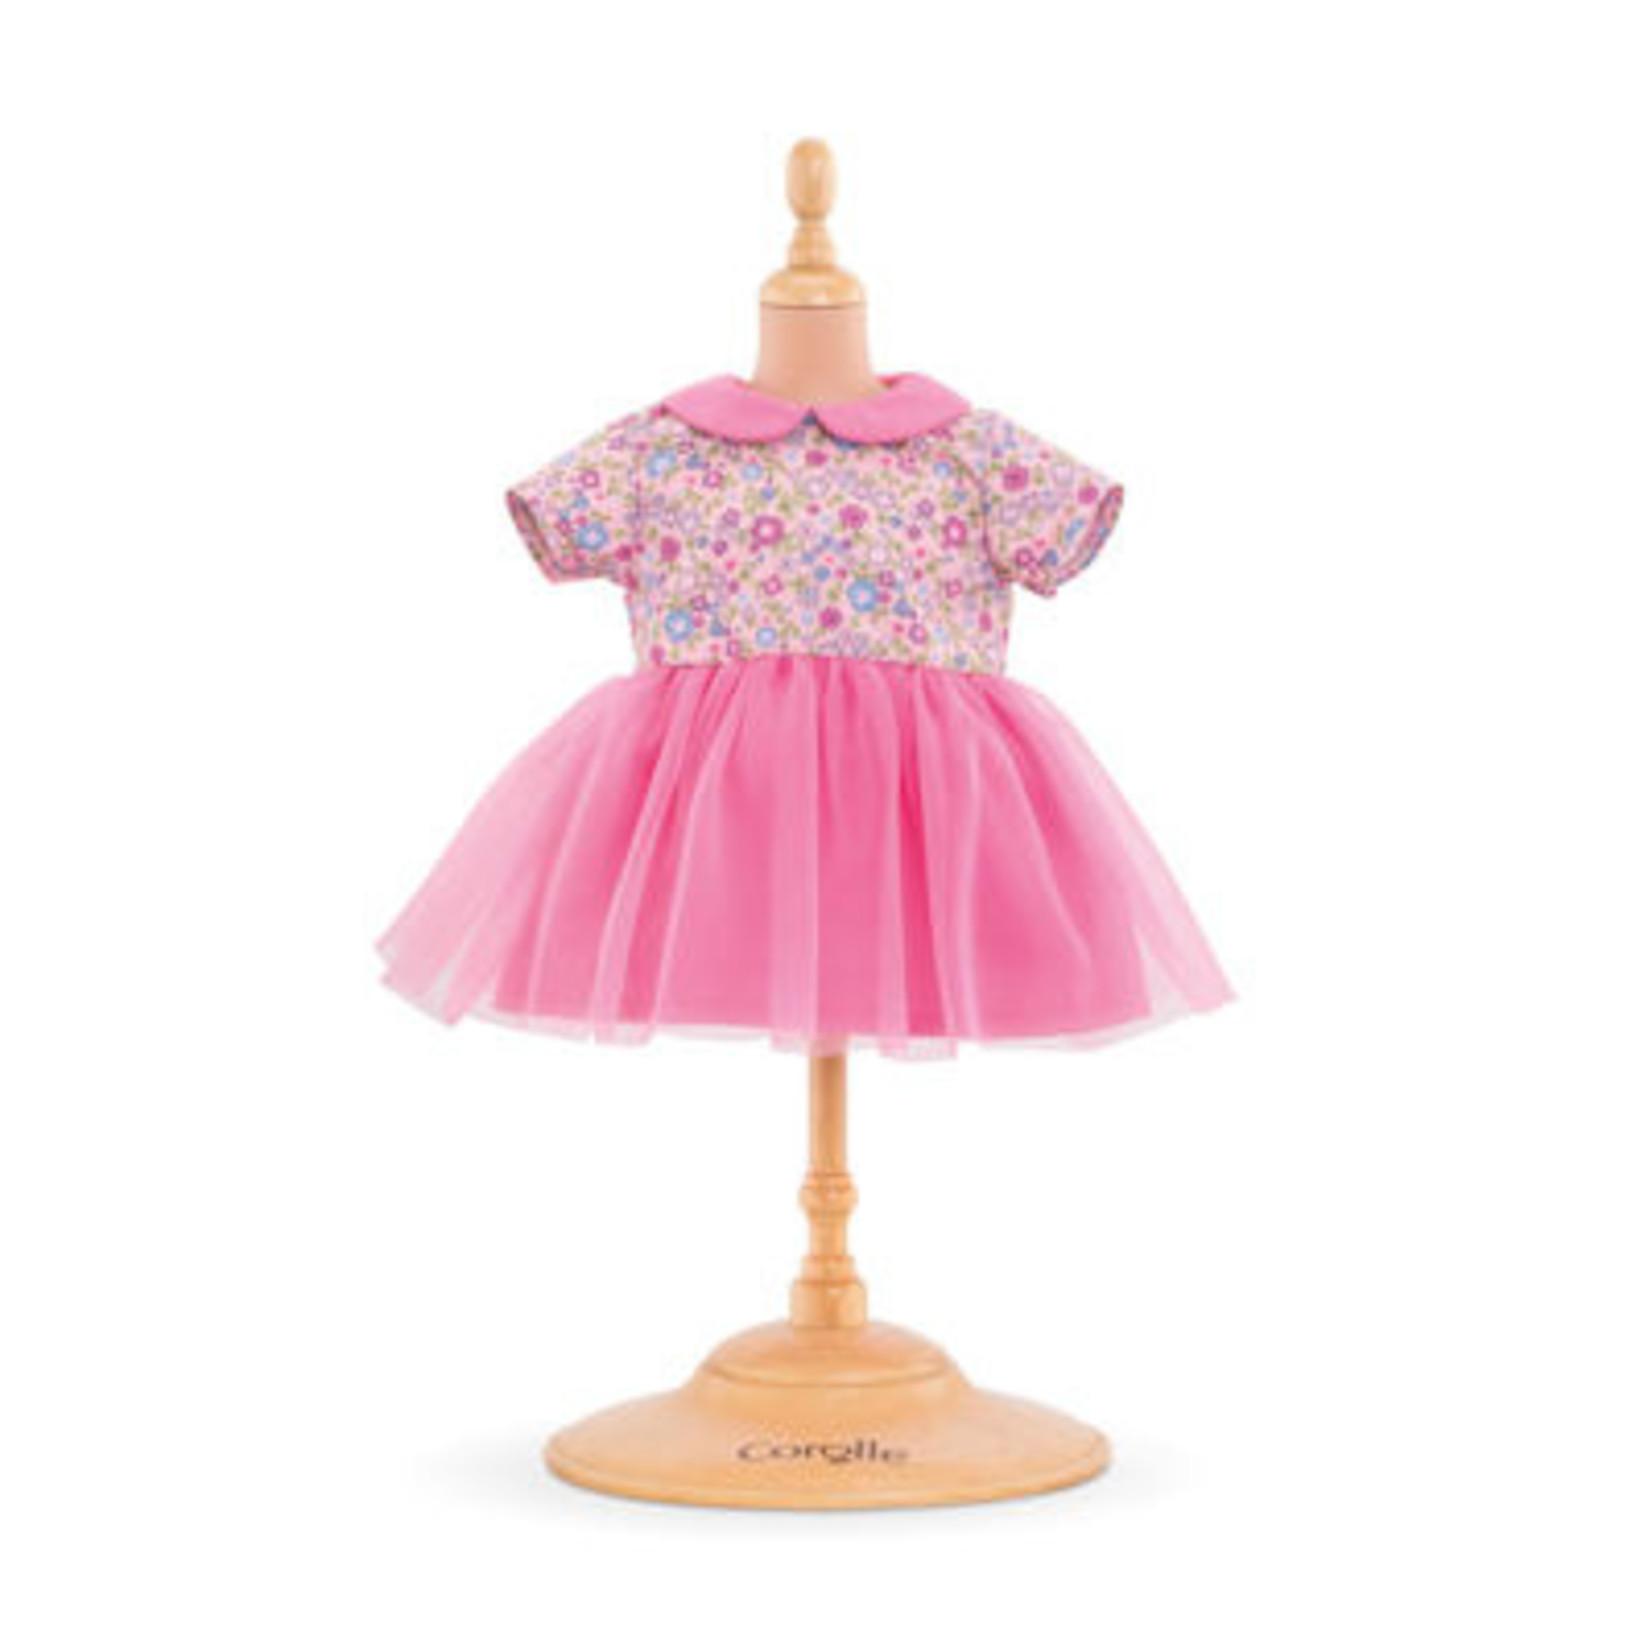 Corolle Jurkje Rose Sweet Dreams - Nieuw 30cm